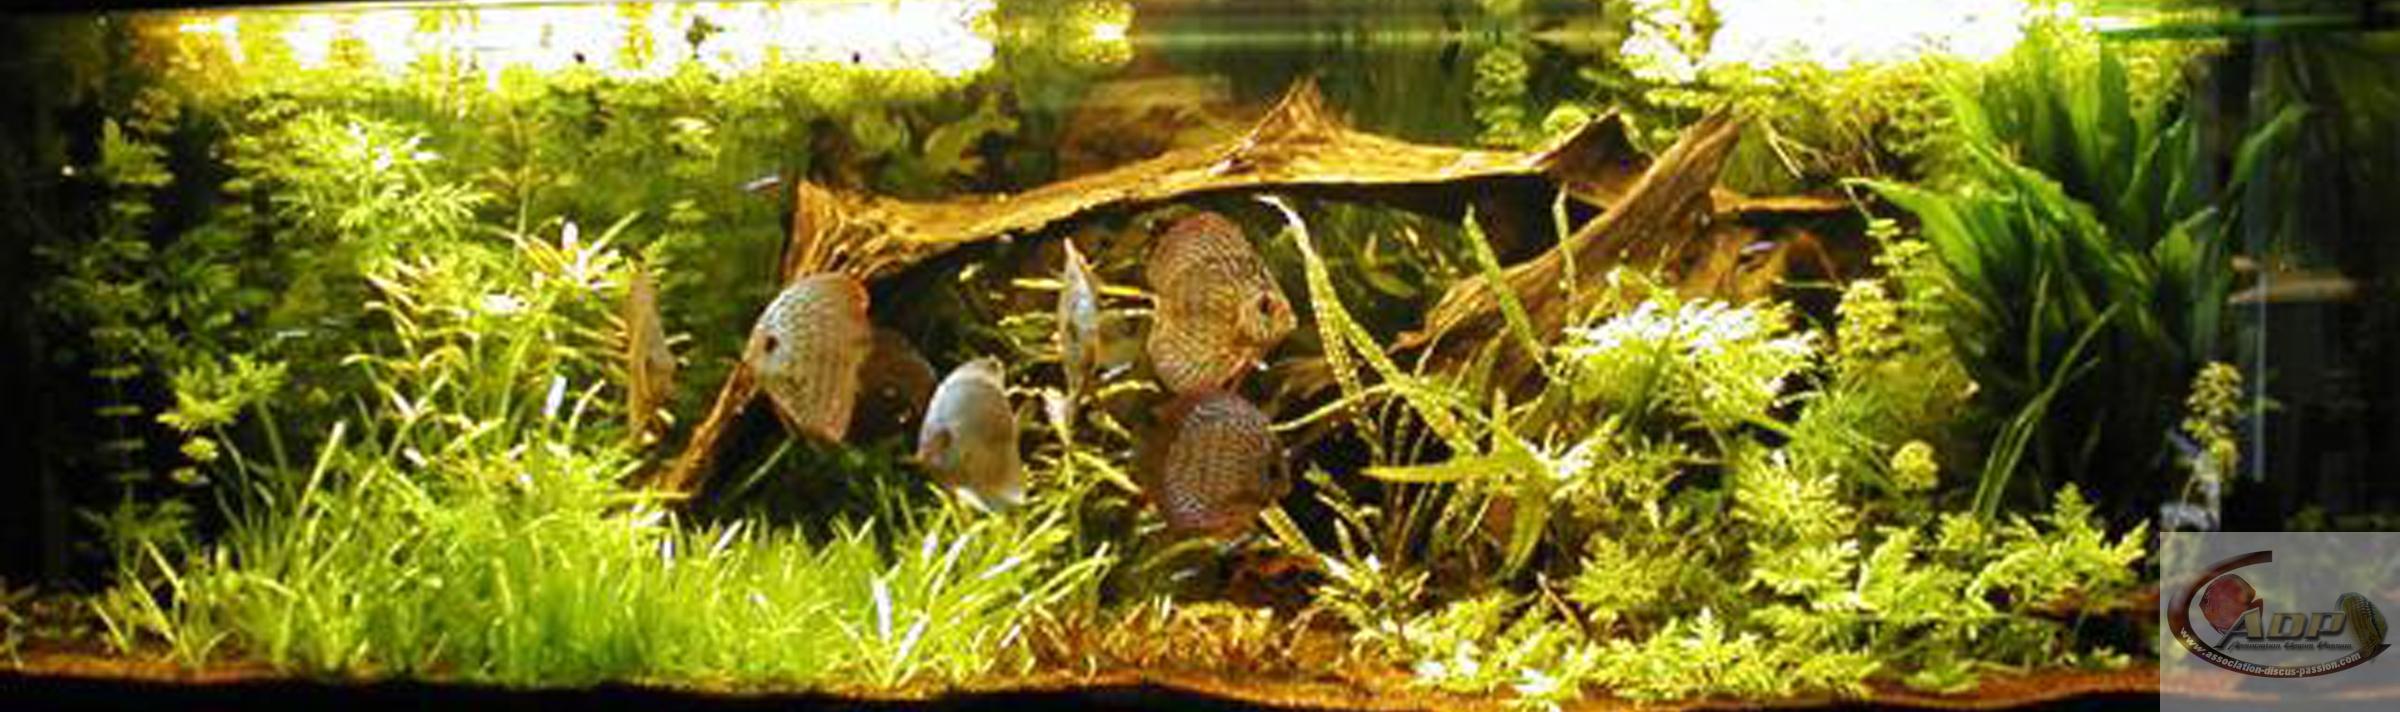 L'aquarium de Virginie